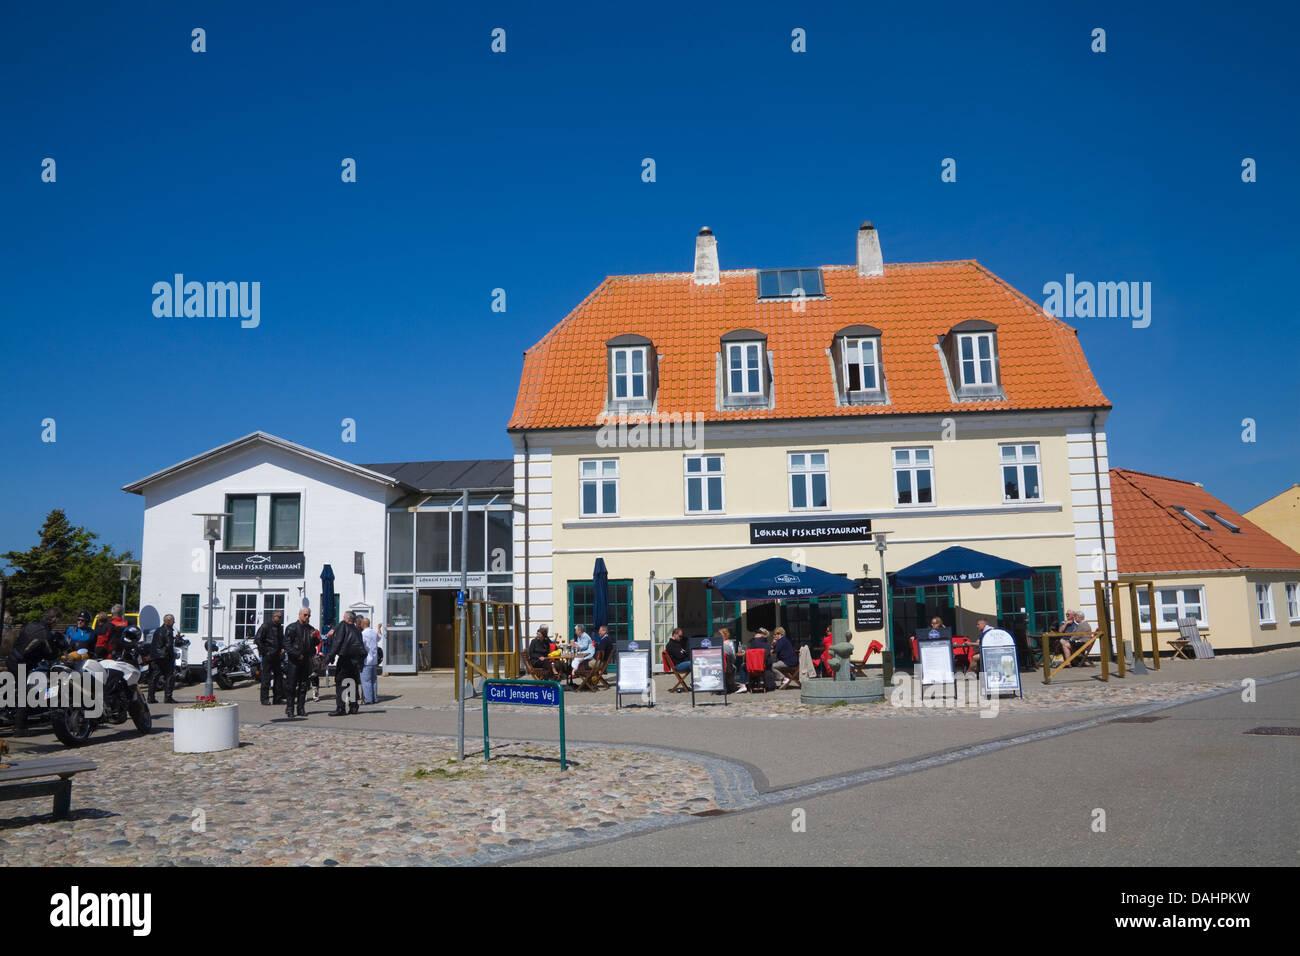 Lokken Denmark EU Visitors at fish restaurant dining out in sunshine in seaside resort on North West Jutland coast - Stock Image